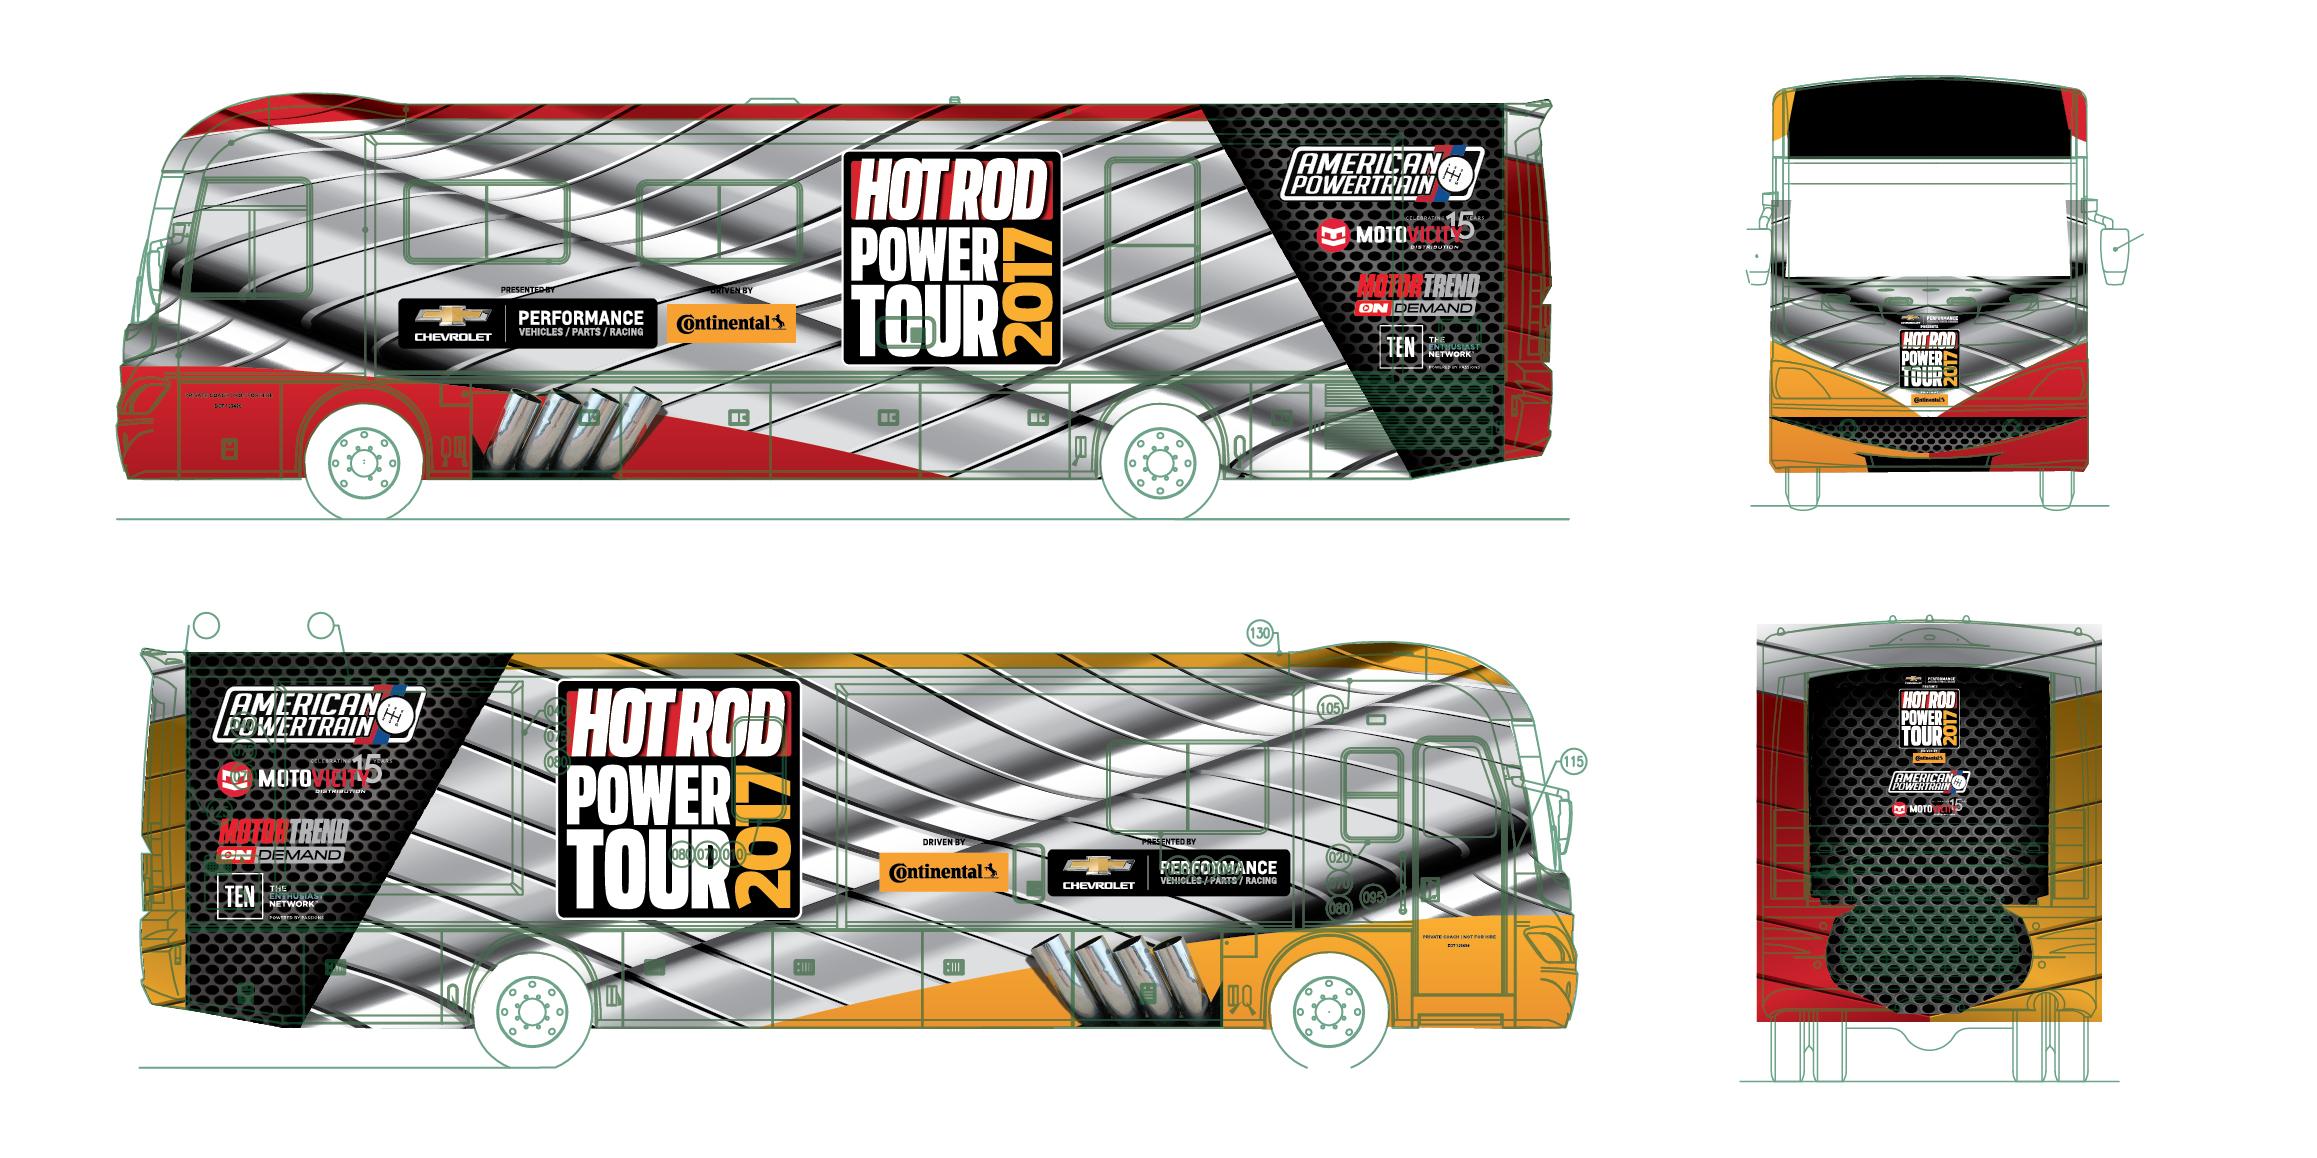 Power Tour Bus Schematic